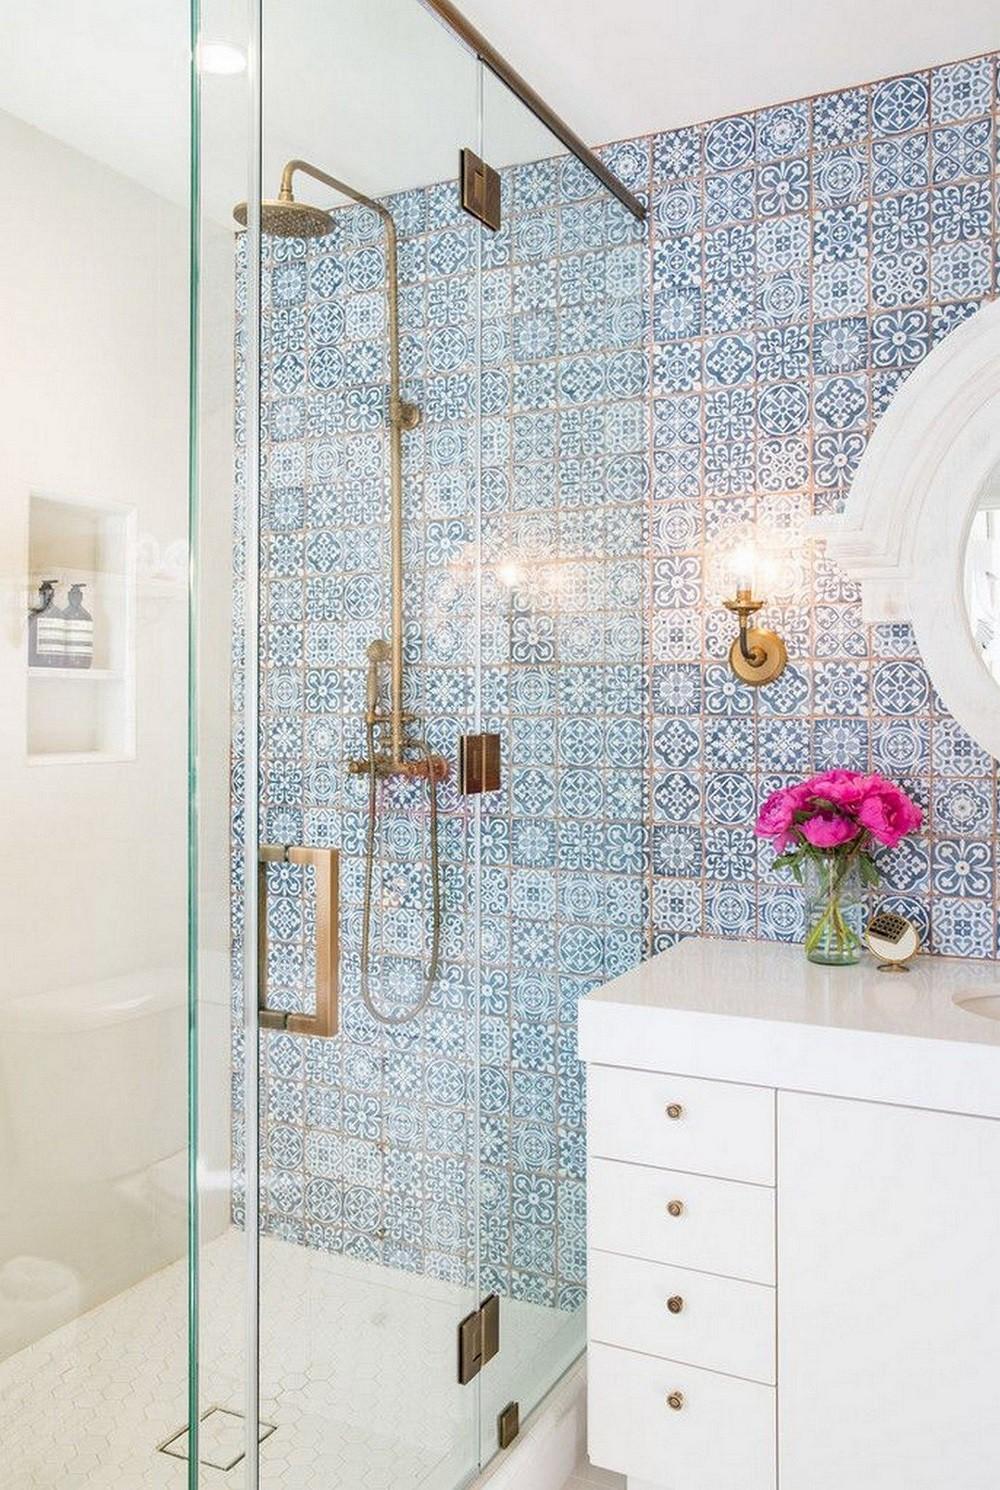 Cận cảnh 3 thiết kế phòng tắm được hồi sinh theo phong cách Tây Ban Nha thập niên 1930 nhờ các vật liệu công nghiệp - Ảnh 8.